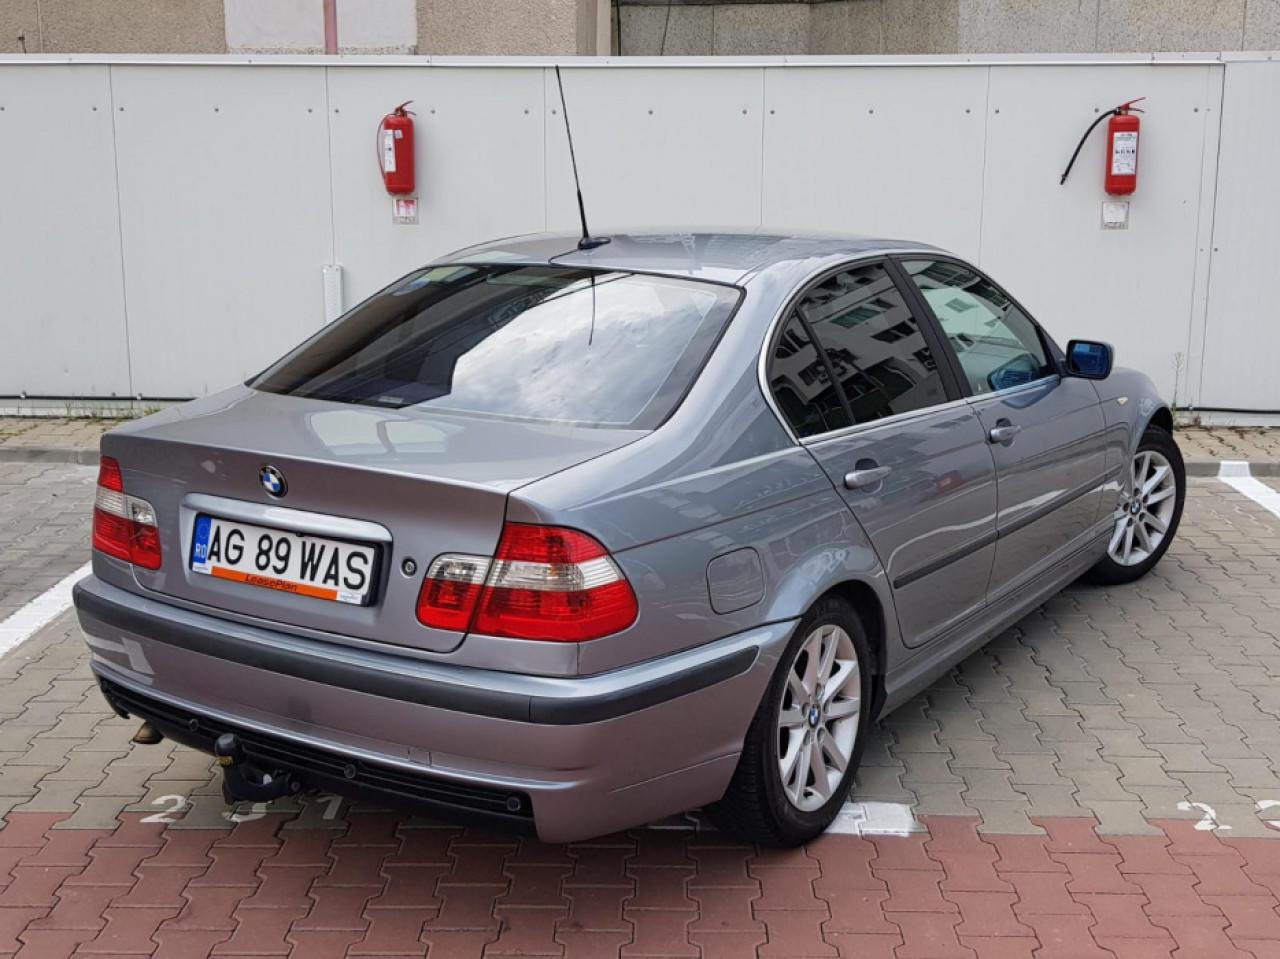 BMW E46 cu 346.800 km la bord - BMW E46 cu 346.800 km la bord